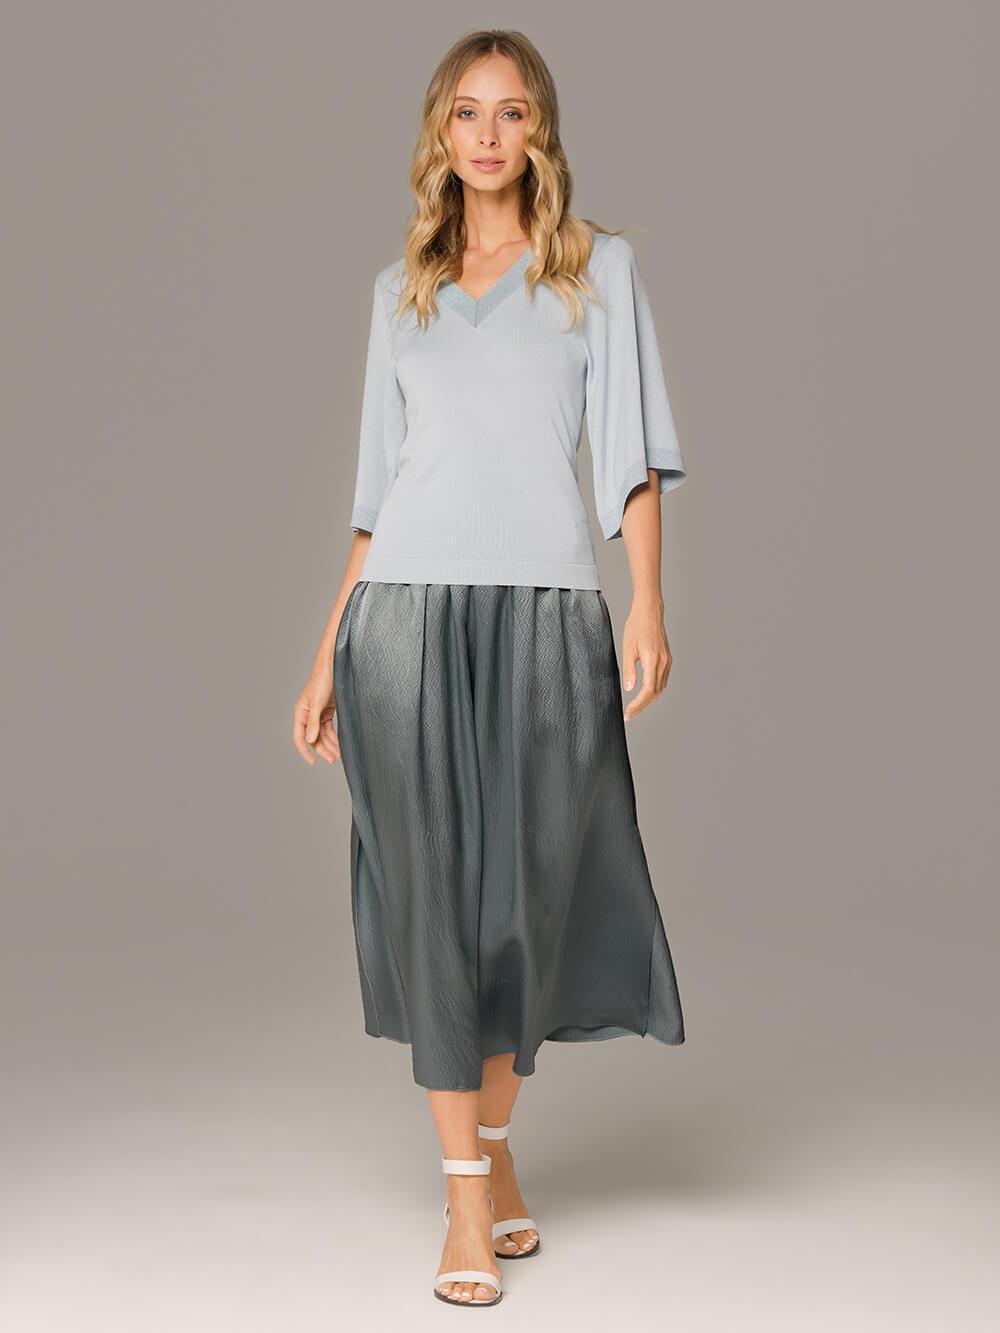 Женская юбка темно-серого цвета из 100% шелка - фото 1